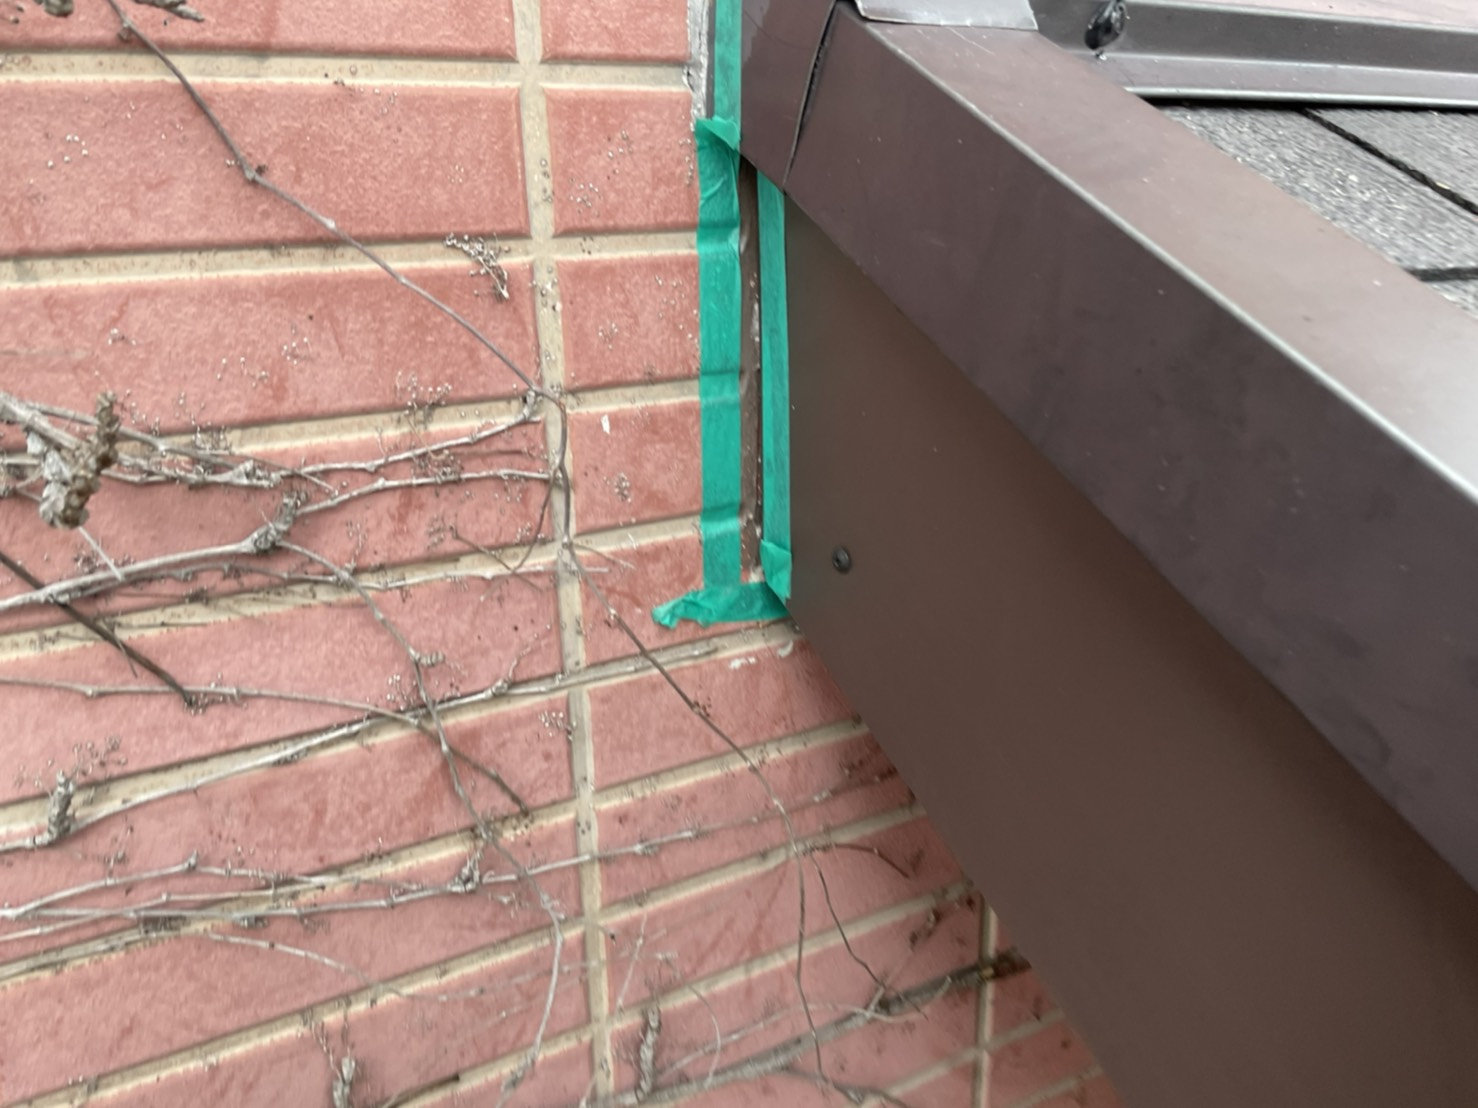 破風板補修工事で壁際にコーキングするため貼り付けたマスキングテープ